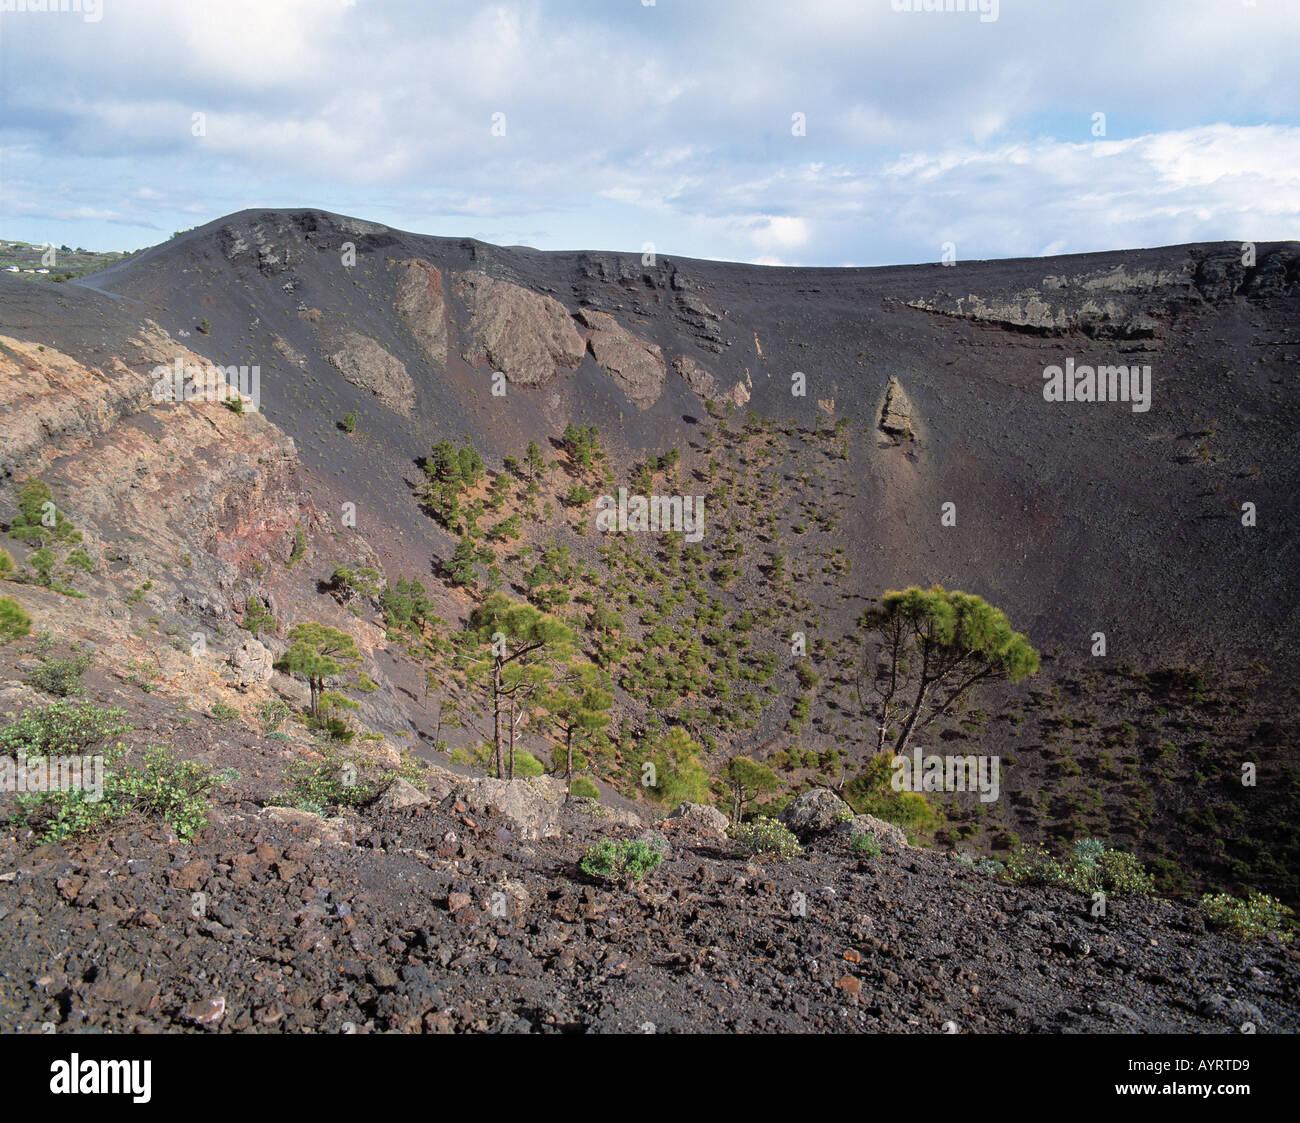 Vulkan San Antonio, Blick in Höhle Krater, Lavagestein, Lavaasche, Pinien Wachsen Auf Lavaasche, Fuencaliente, La Palma, Kanarische Inseln Stockbild